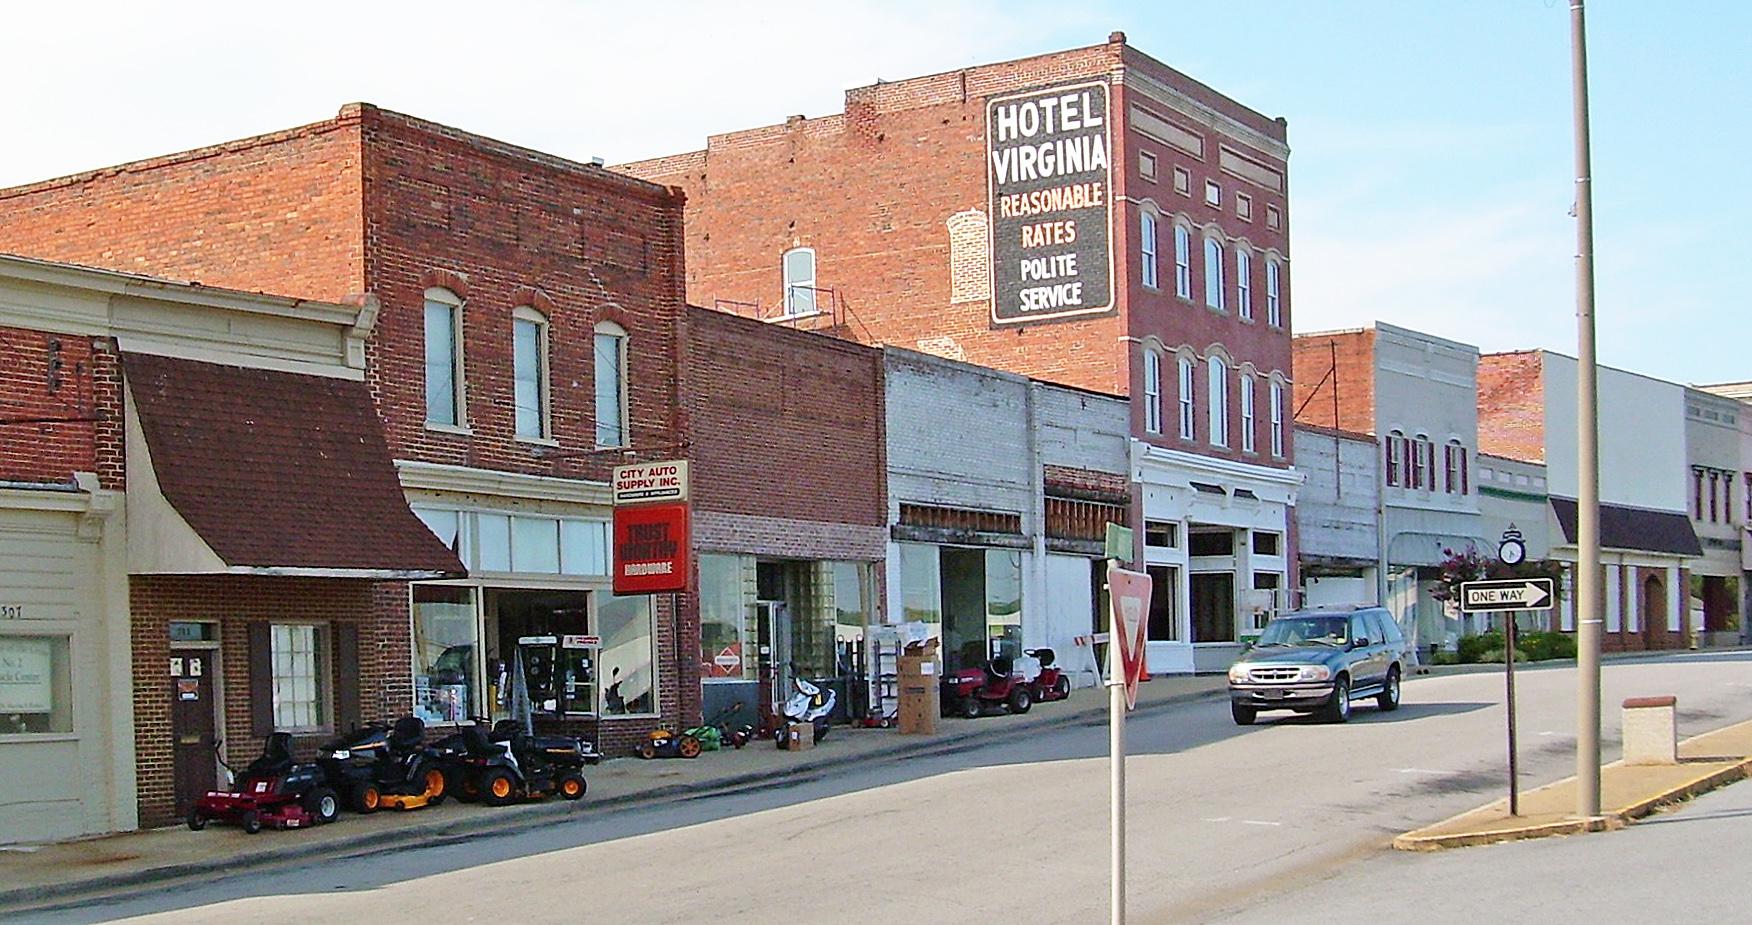 Belfield-Emporia Historic District